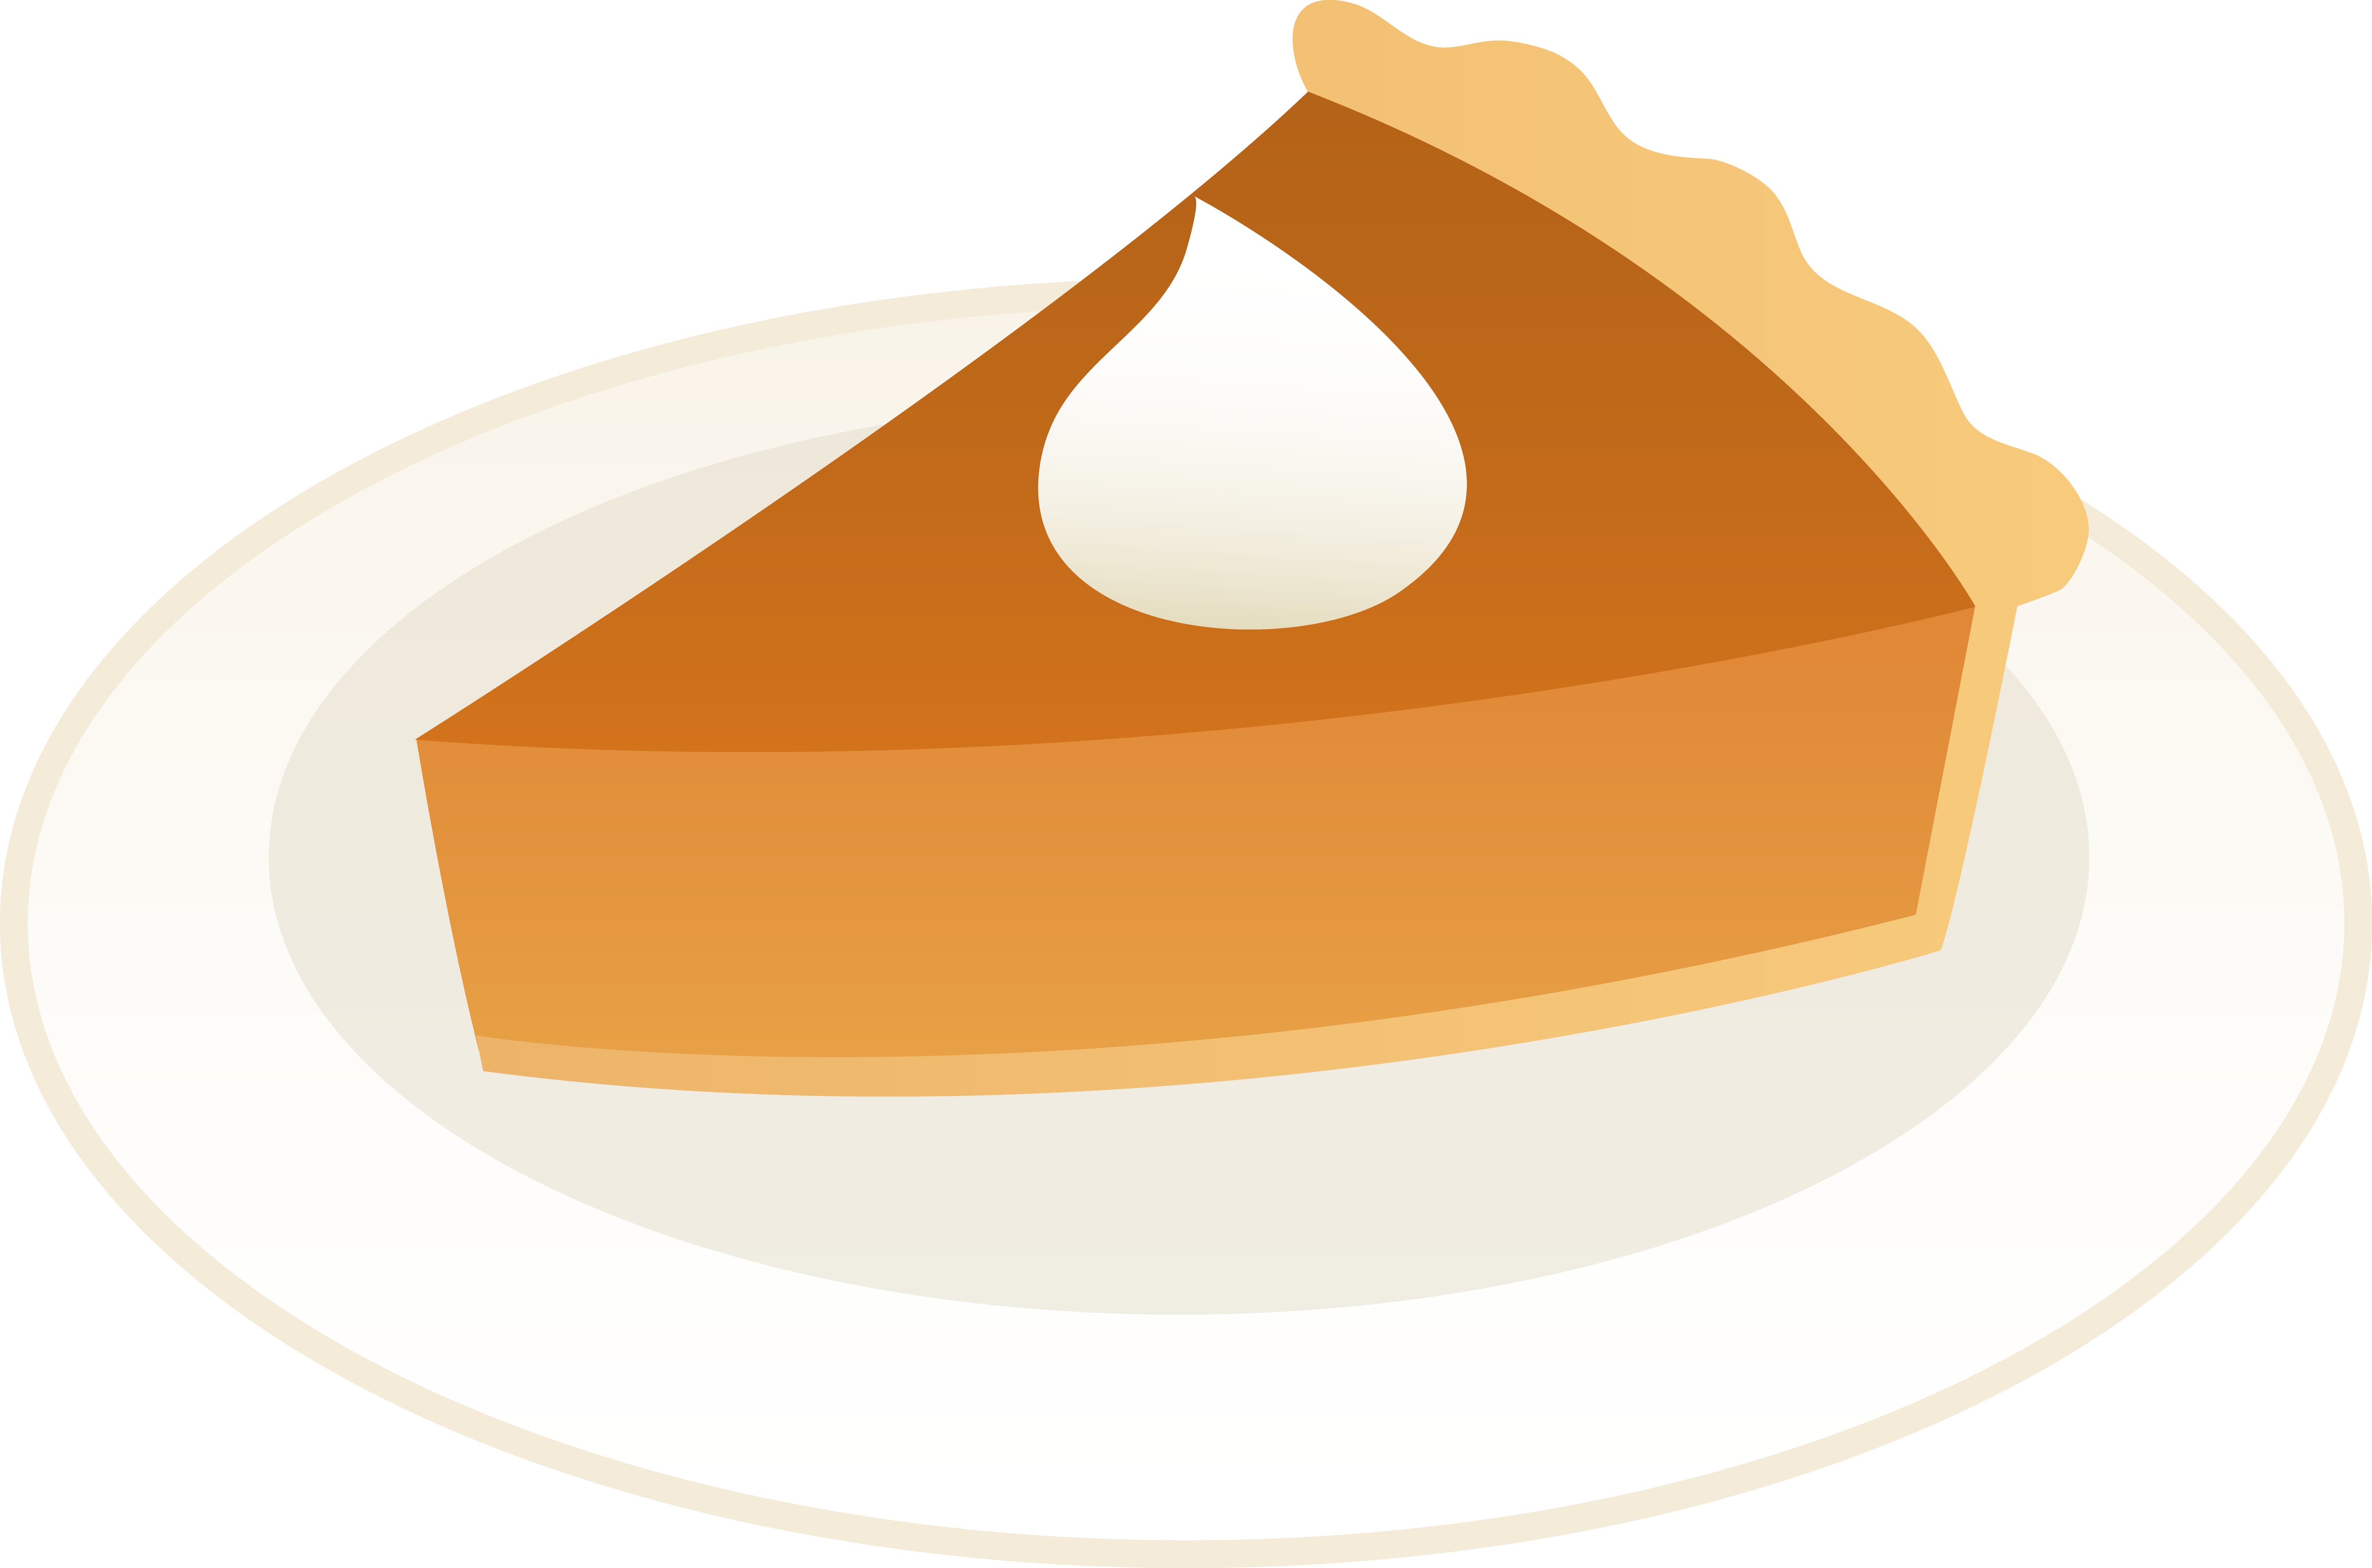 Pie clipart whip cream pie On Pie Pumpkin Clip Pies